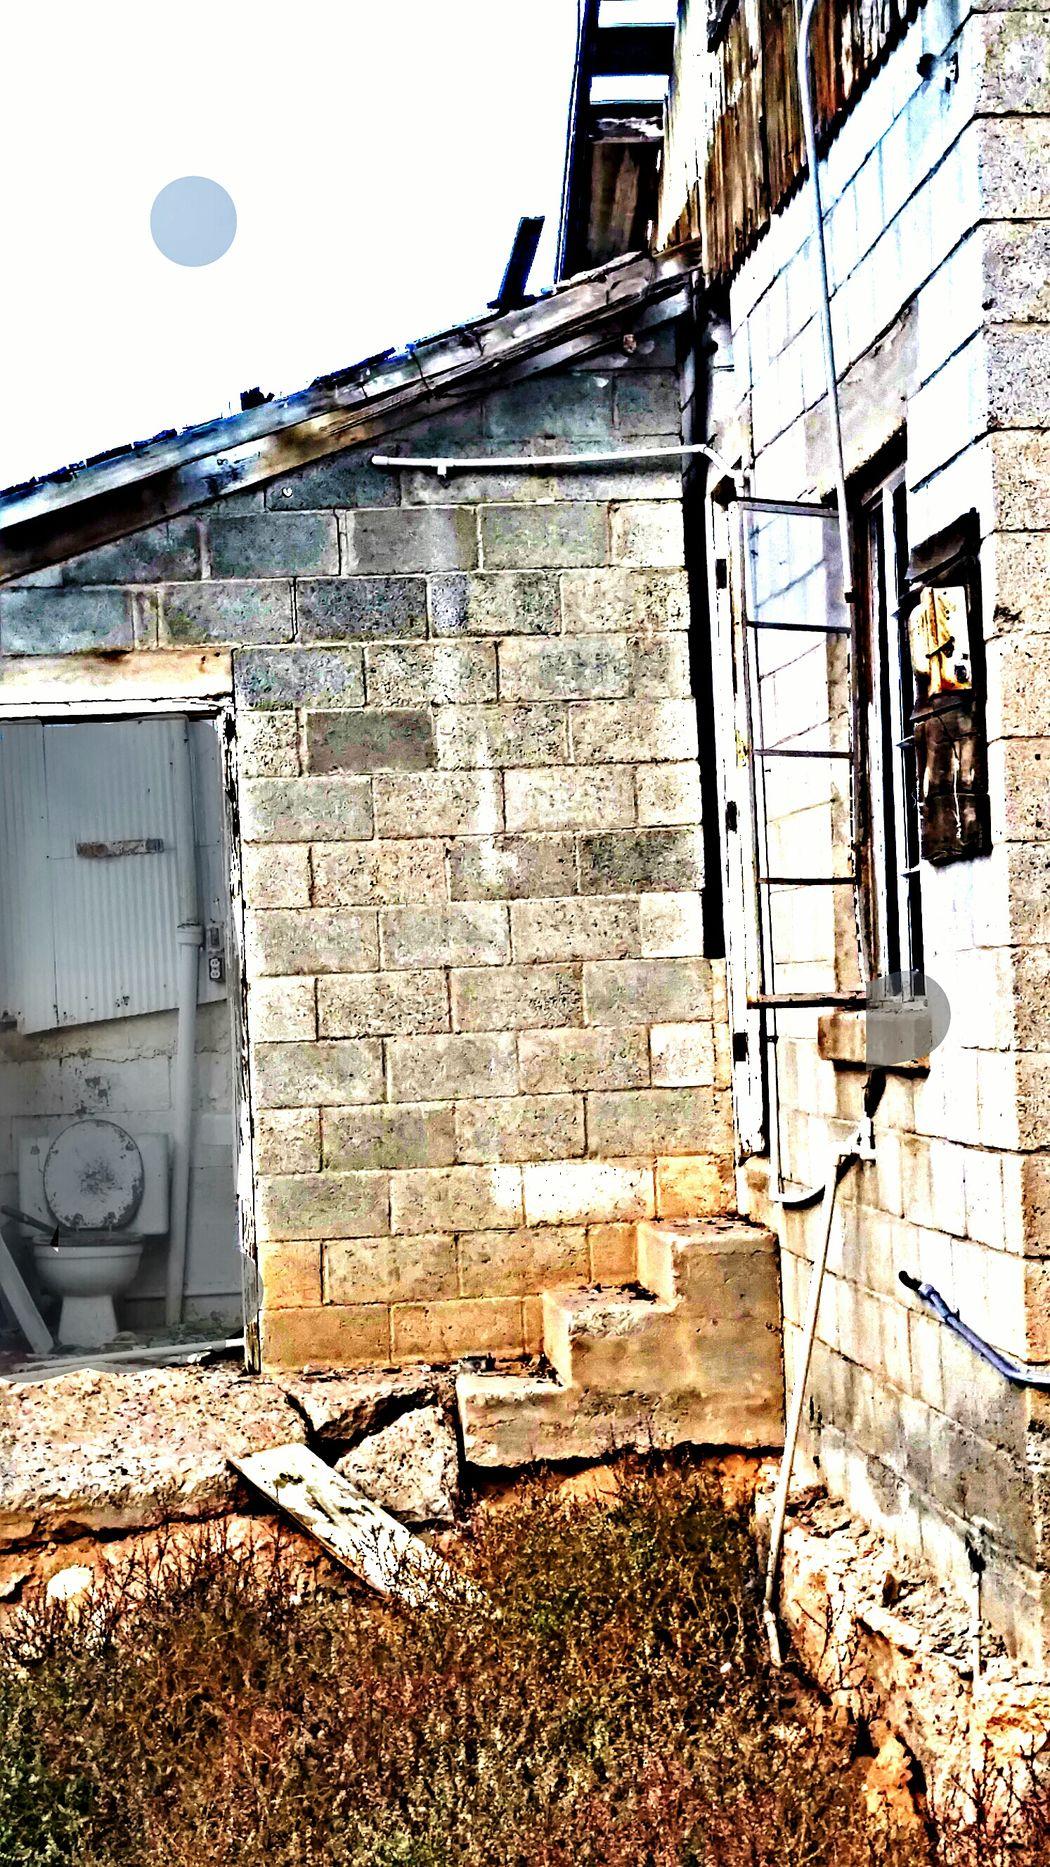 Forgottenspots Forgotten Walls Derelict Toilet Brickhouse Milkhouse No People